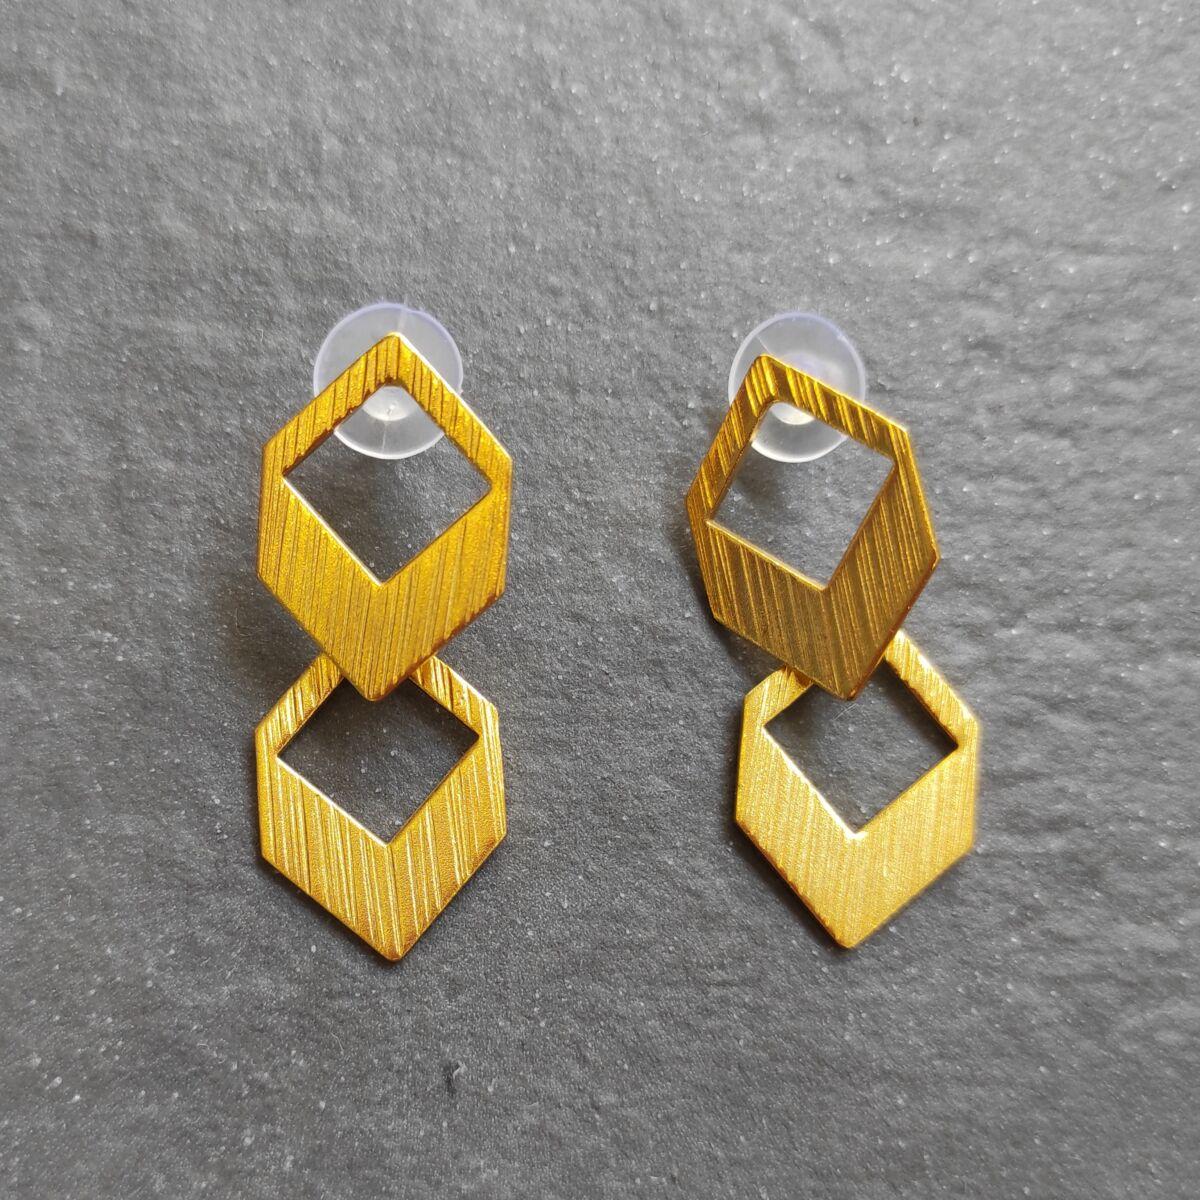 Σκουλαρίκια γεωμετρικά Αξεσουάρ Ρούχα αξεσουάρ